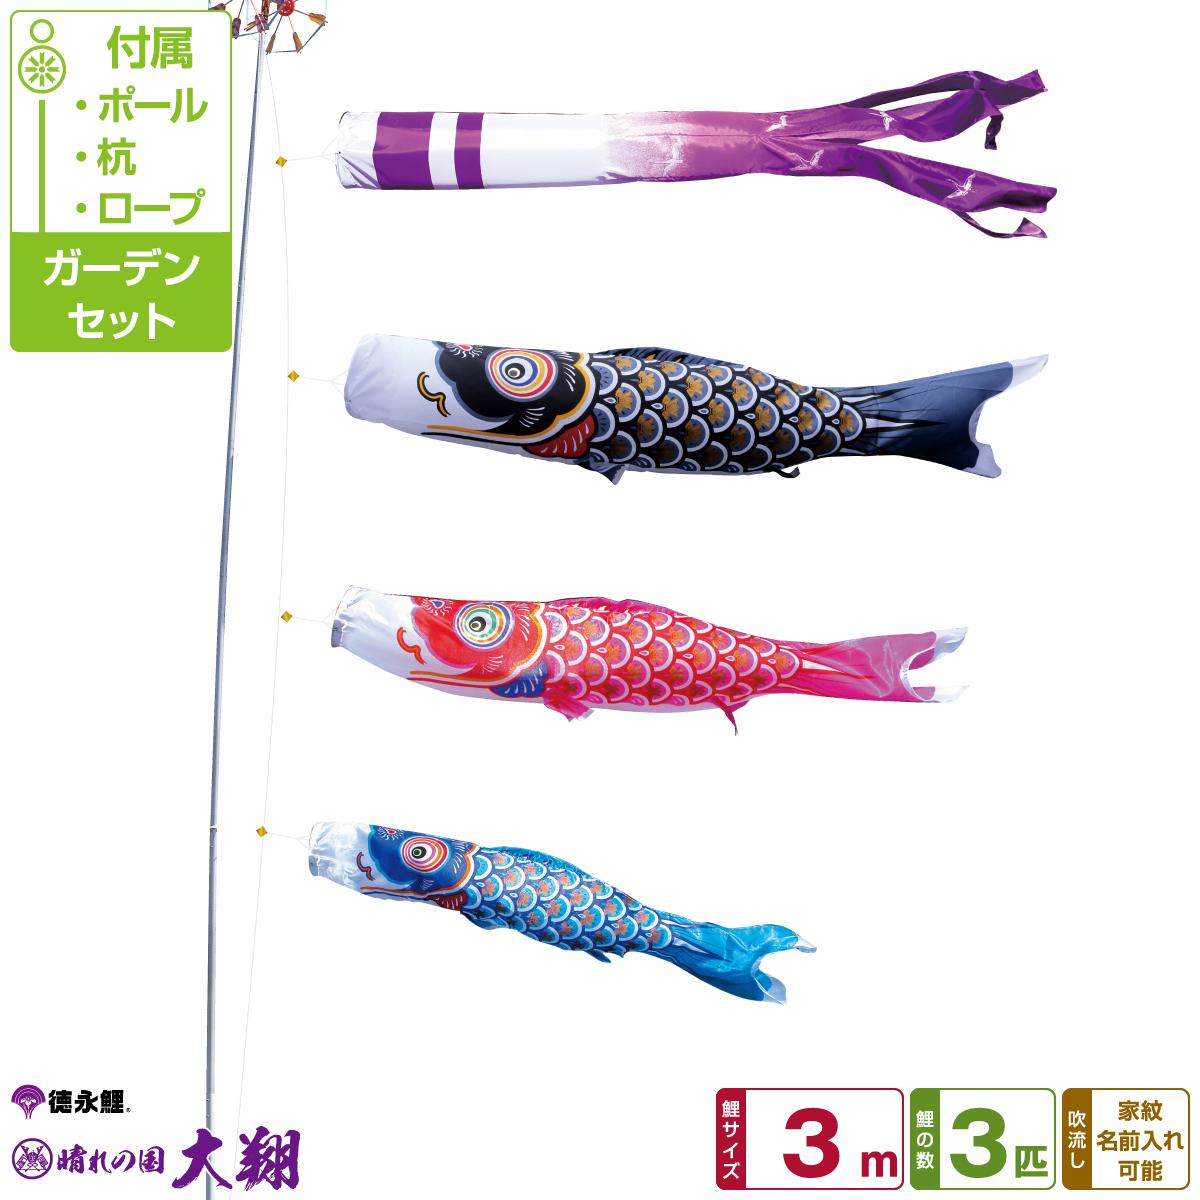 徳永鯉のぼり 大翔鯉 3m 6点セット ガーデンセット 2019年初節句 端午の節句 こどもの日 こいのぼり